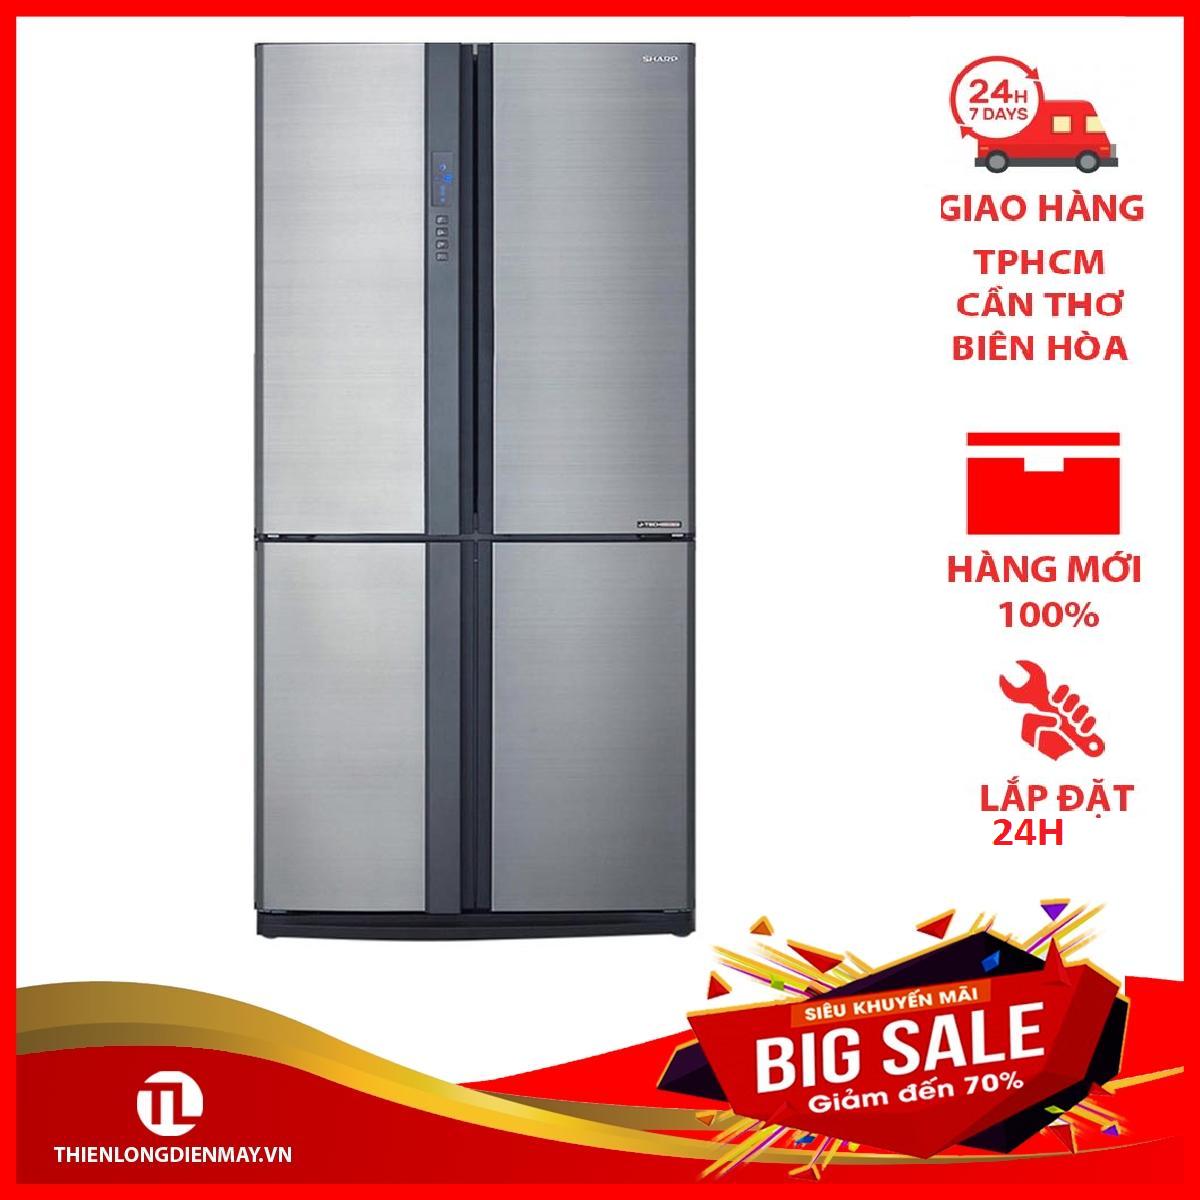 Tủ lạnh Sharp SJ-FX631V-SL 626L, 4 cửa, công nghệ J-Tech Inverter, khử mùi Nano Bạc – Đồng, khay kính chịu lực – Bảo hành 12 tháng